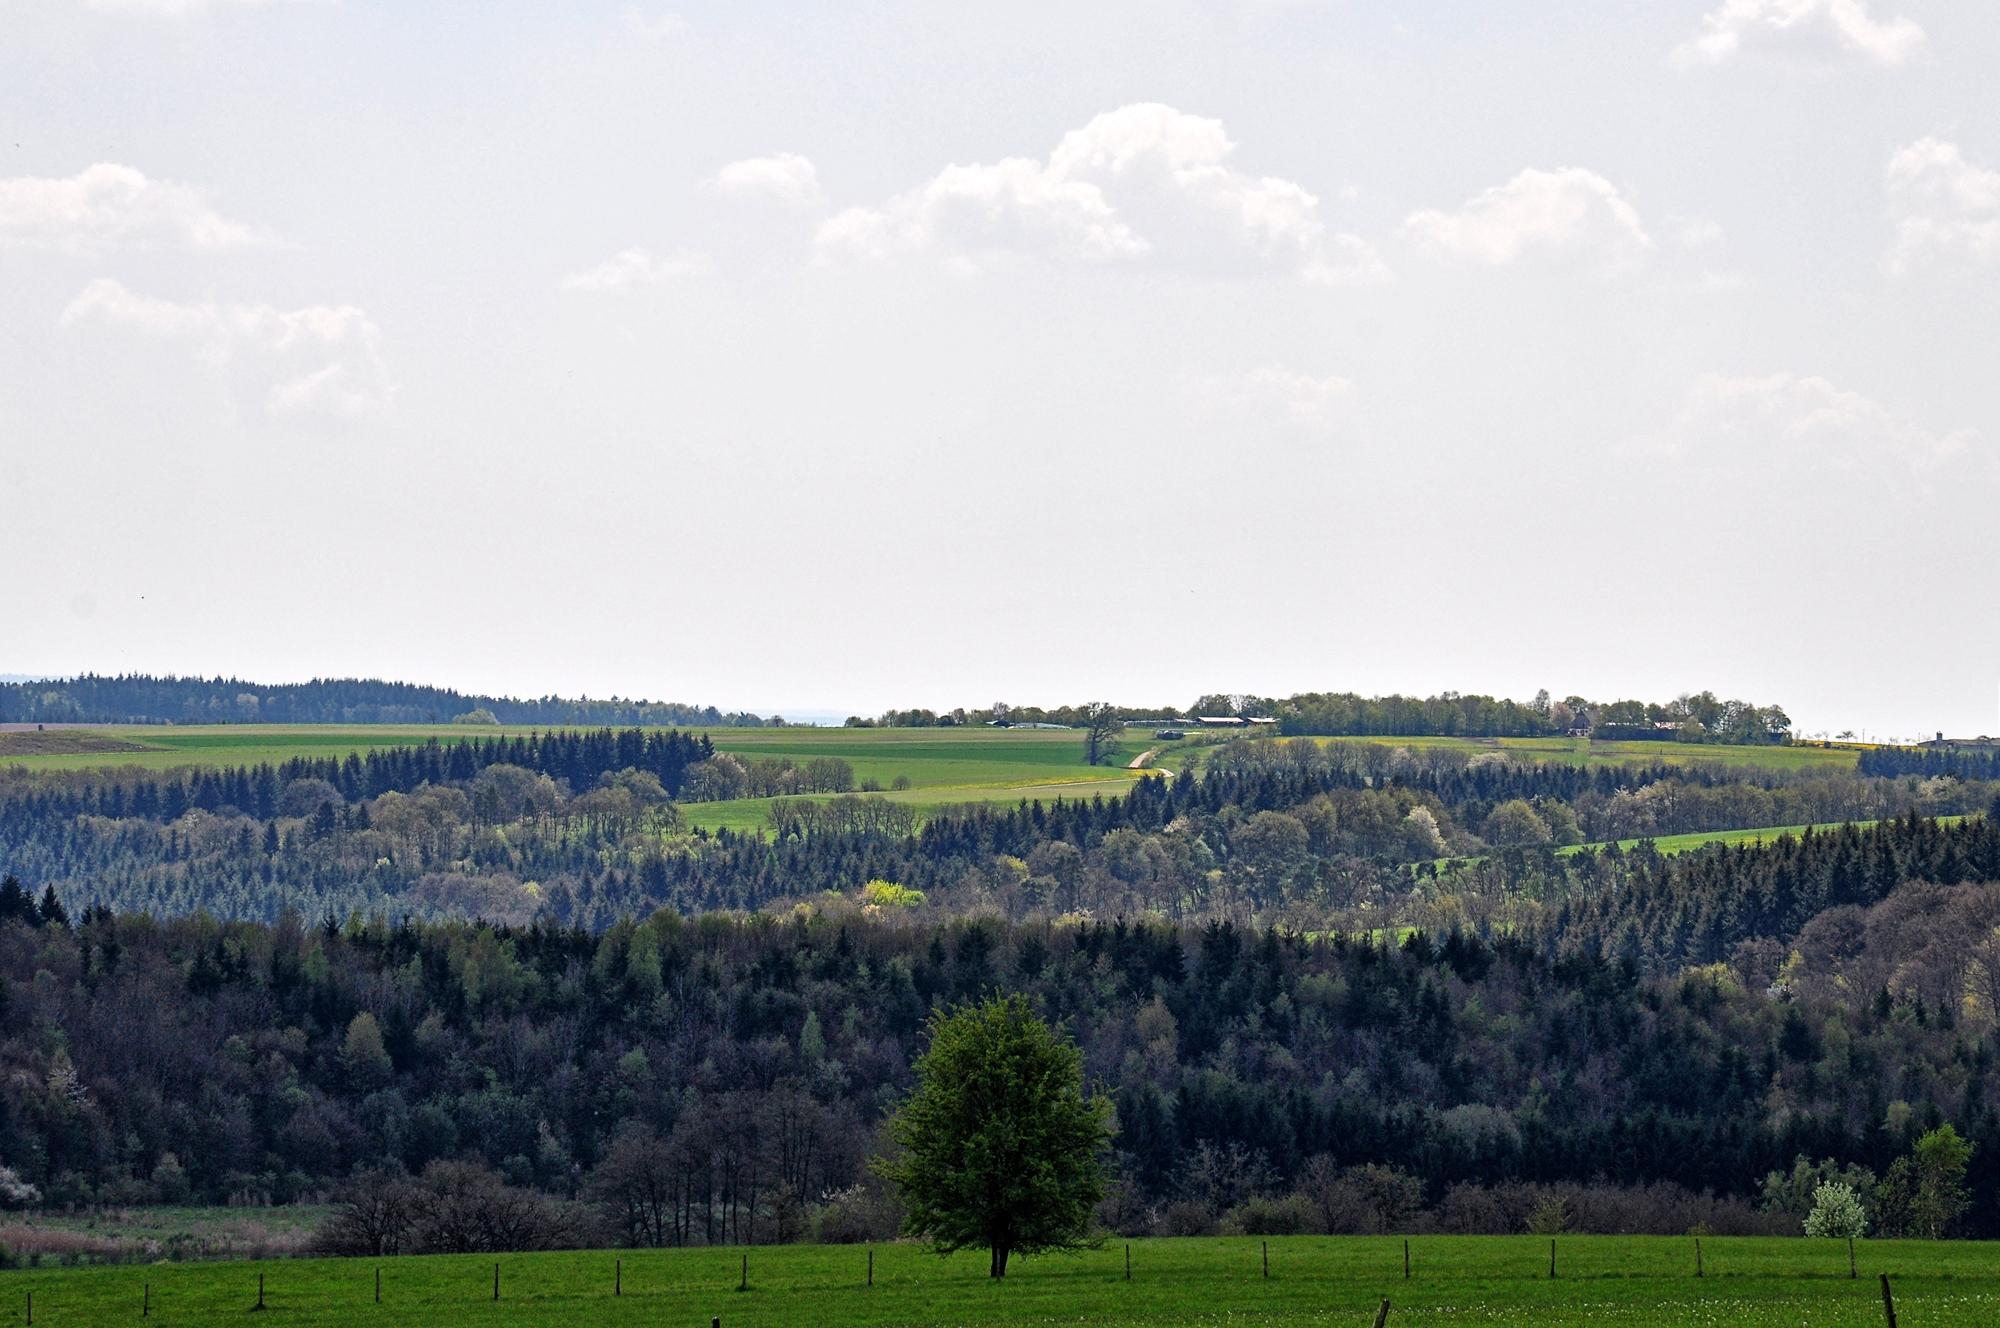 Vom Diefenbach zum Trautzberger Maar